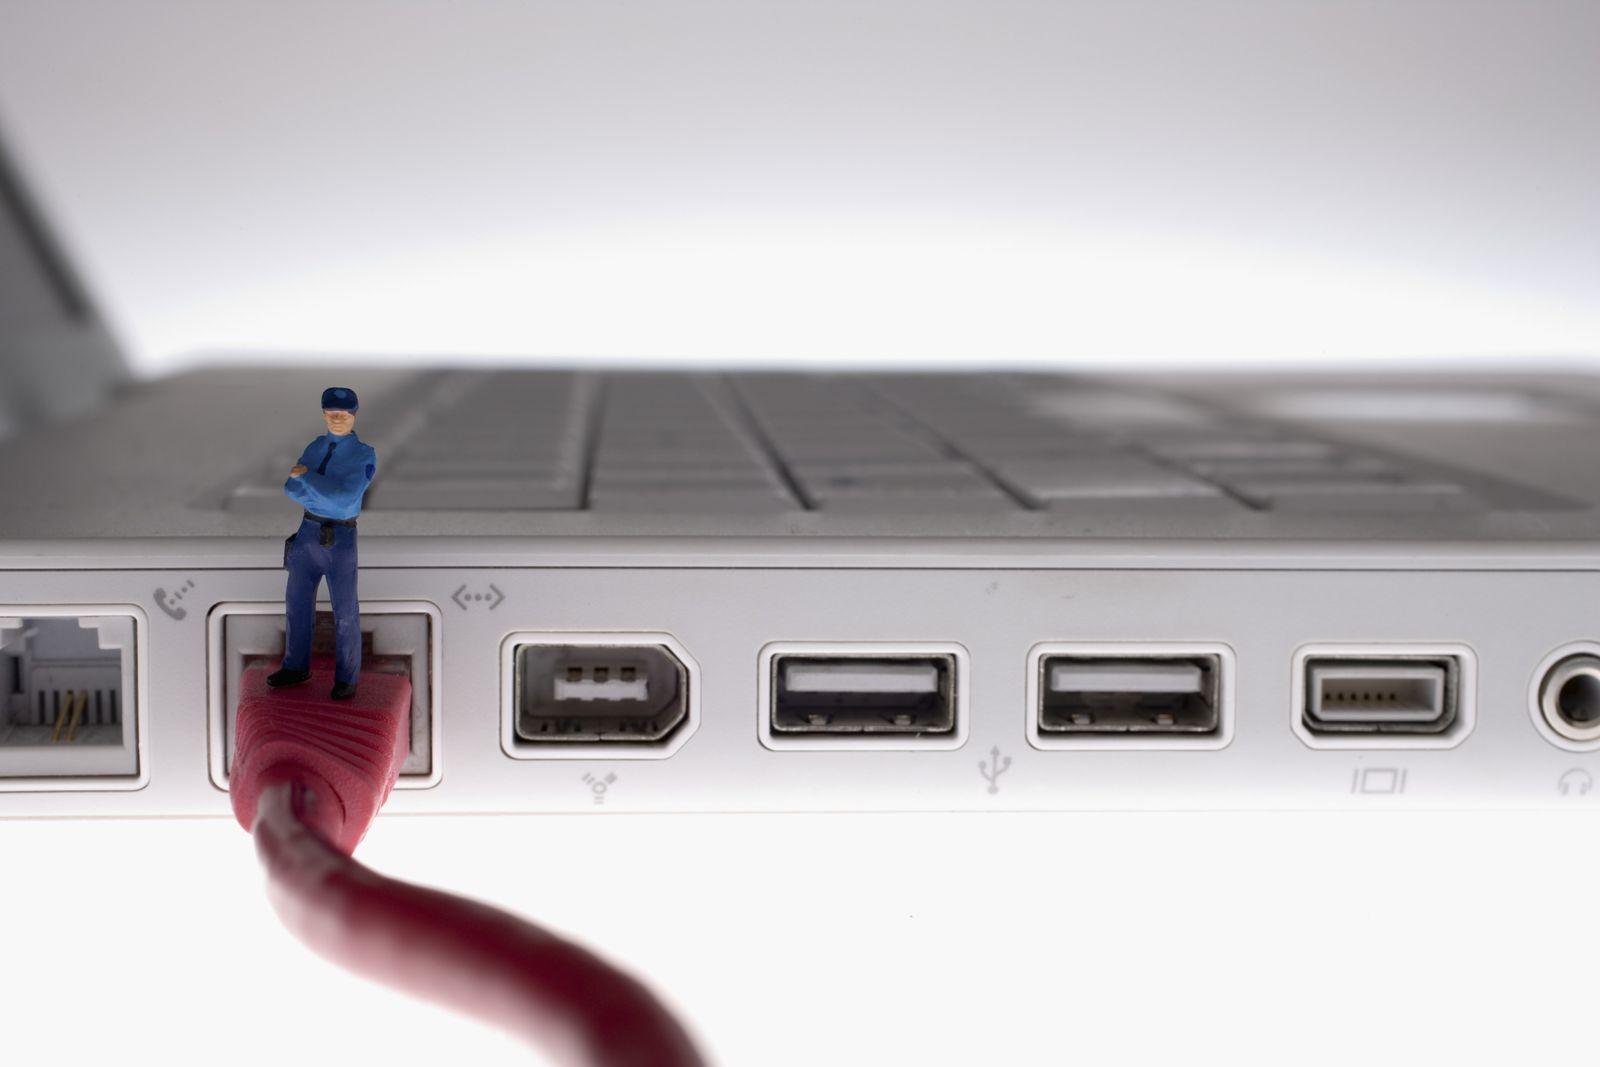 NICHT MEHR VERWENDEN! - Symbolbild Internet / Überwachung / Netzsperren / Deep Packet Inspection